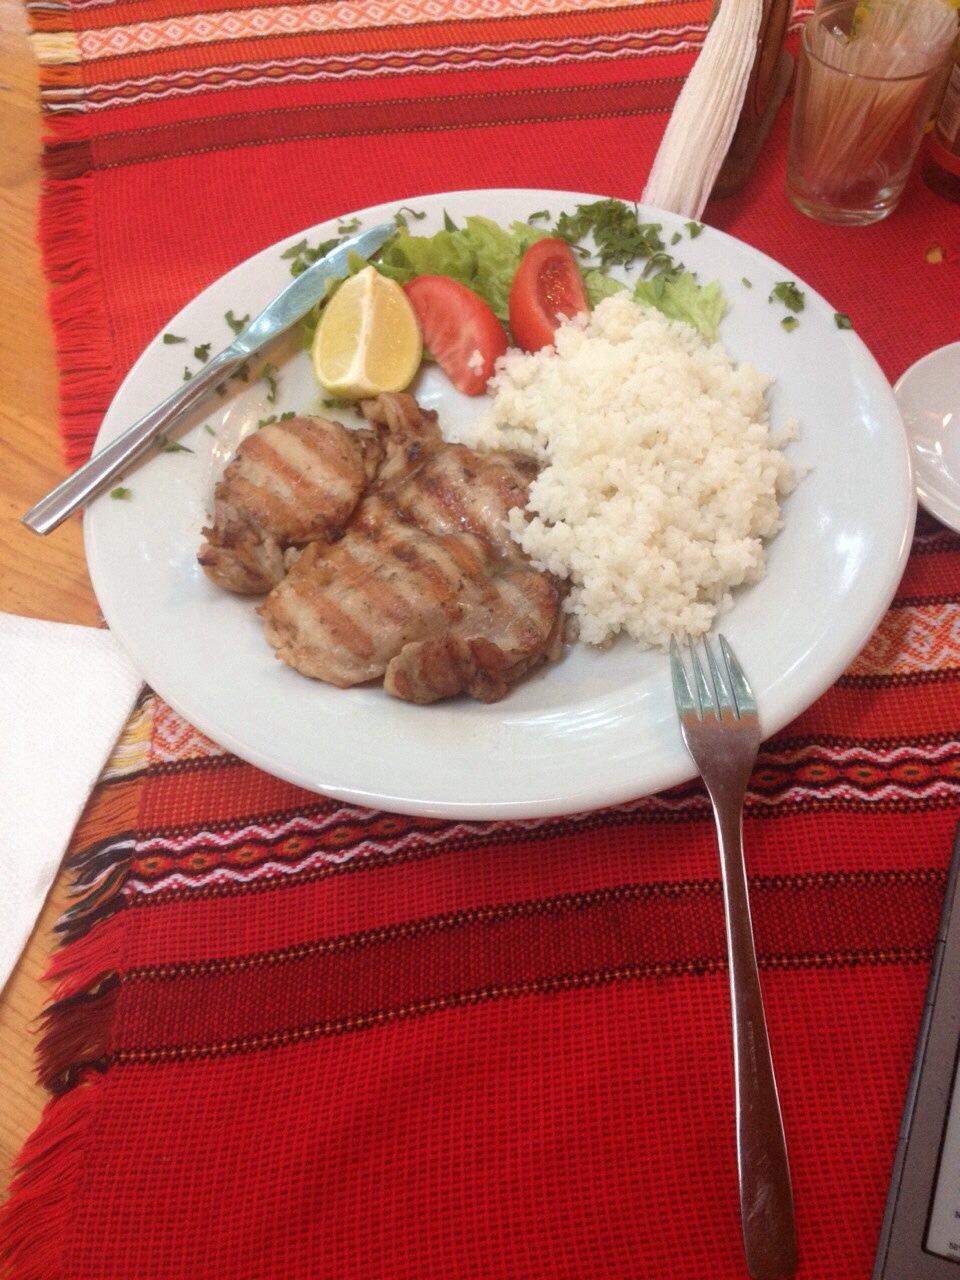 ну как не выложить фотографию вкусной и недорогой болгарской еды? ))